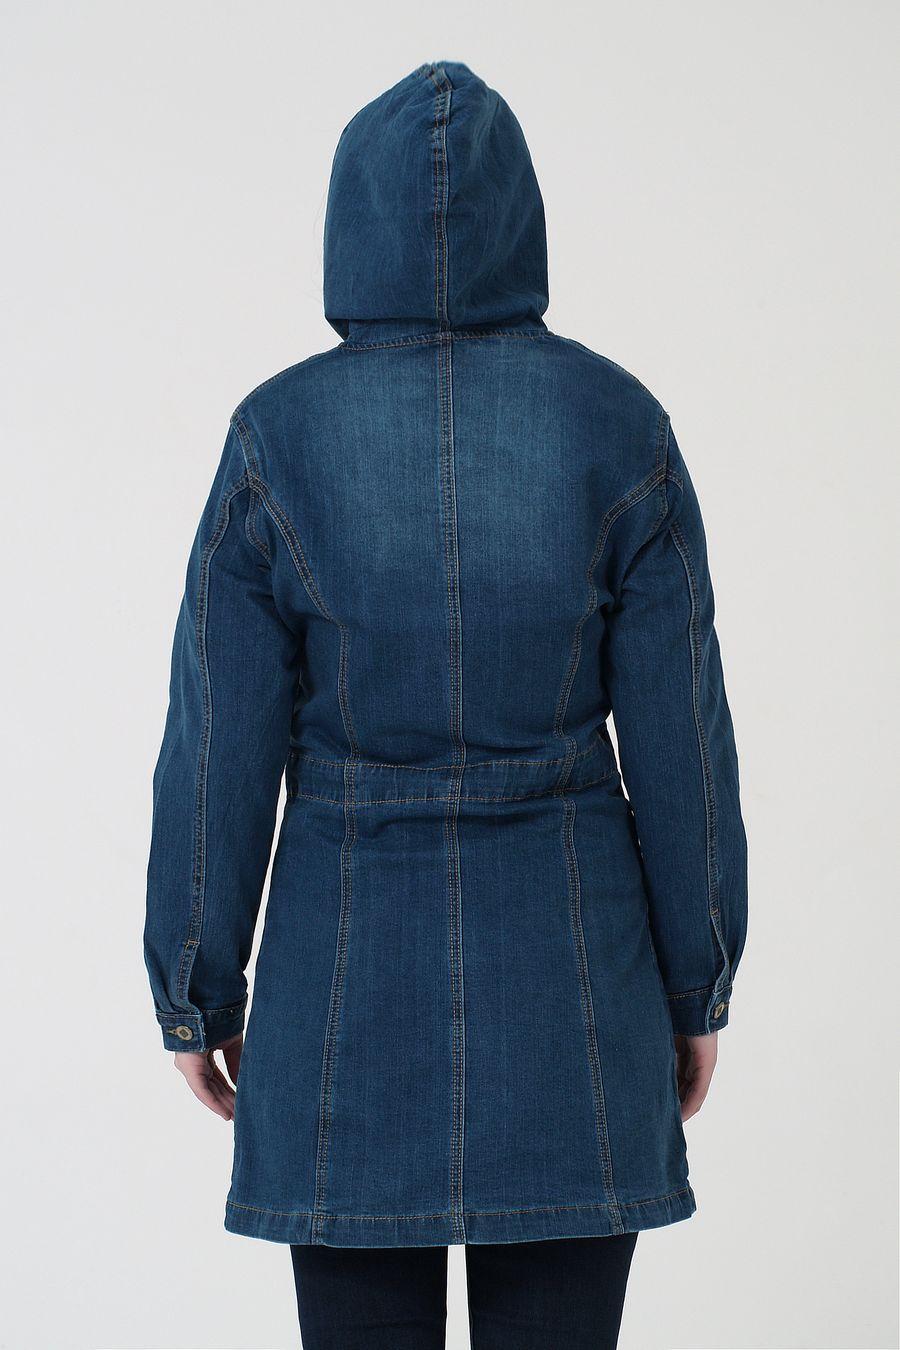 Пиджак женский (джинсовка) K.Y Jeans 901 - фото 5